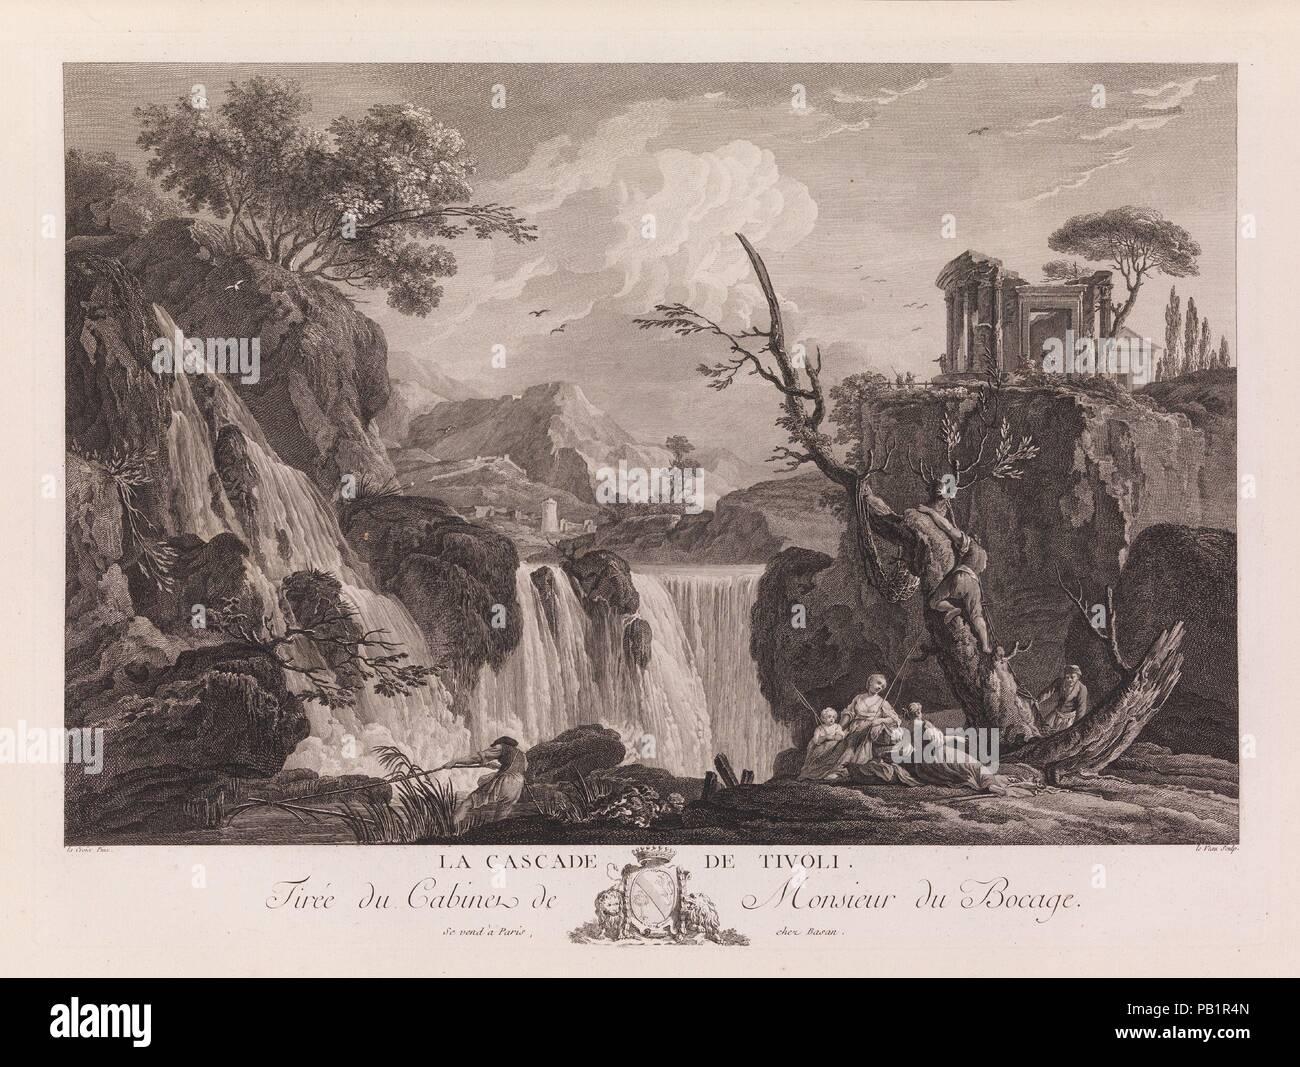 Oeuvres de Joseph Vernet...rappresentante divers ports de mer en France et d'Italie. Progettista: progettato da Joseph Vernet (francese, Avignon 1714-1789 Paris). Dimensioni: complessivo: 24 13/16 x 19 11/16 x 2 9/16 in. (63 x 50 x 6,5 cm). Incisore: Charles Nicolas Cochin II (francese, Parigi Parigi 1715-1790) ; (pls. 81-198); Jacques Philippe Le Bas (francese, Parigi Parigi 1707-1783) ; (pls. 8,9,11,13,69-70,71-72,81-108); Jacques Aliamet (francese, Abbeville 1726-1788 Paris) ; (pls. 30,38,39,40,41,42,43,47); A. D. (francese, attivo del XVIII secolo) ; (pls. 51,52); F. Basan ; (pls. 1,2); Peter Paul Benazech (British, c Foto Stock